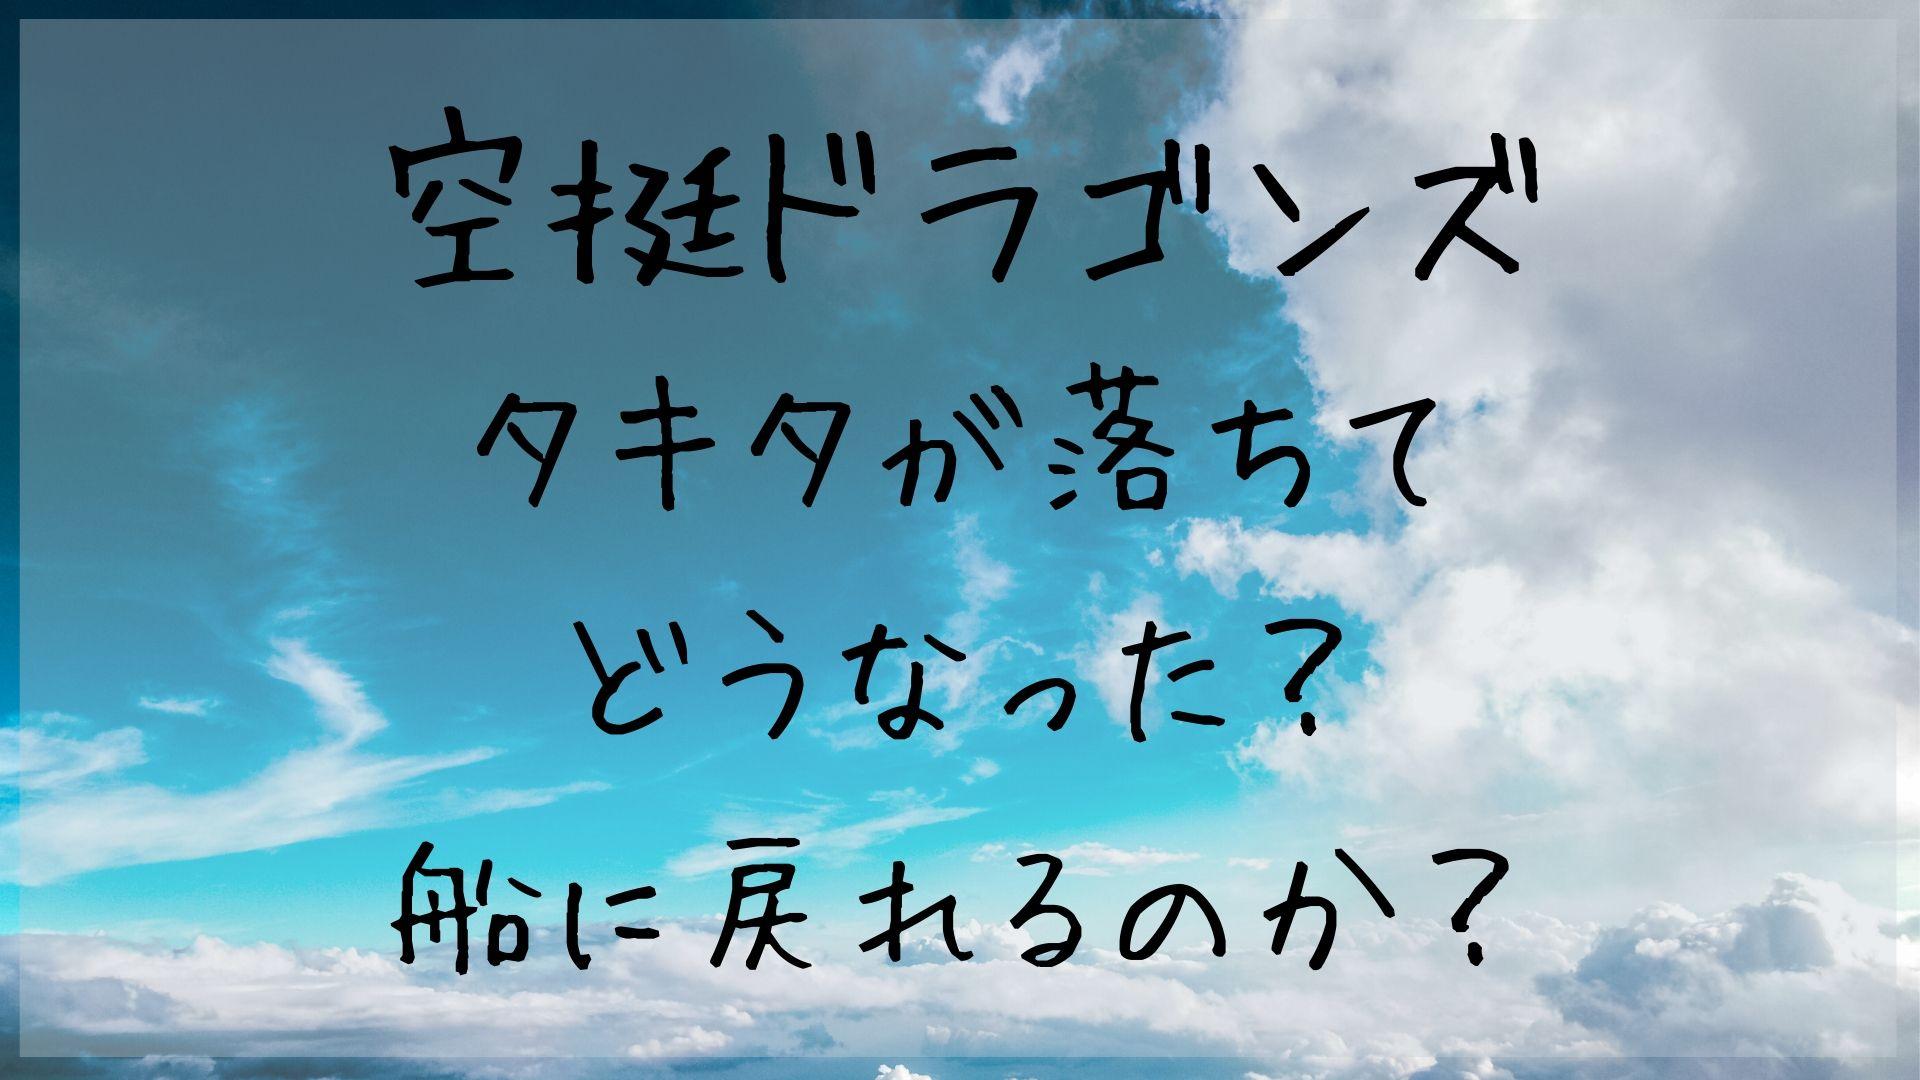 【空挺ドラゴンズ】タキタが落ちてどうなった?船に戻れるのか?3巻のネタバレ!